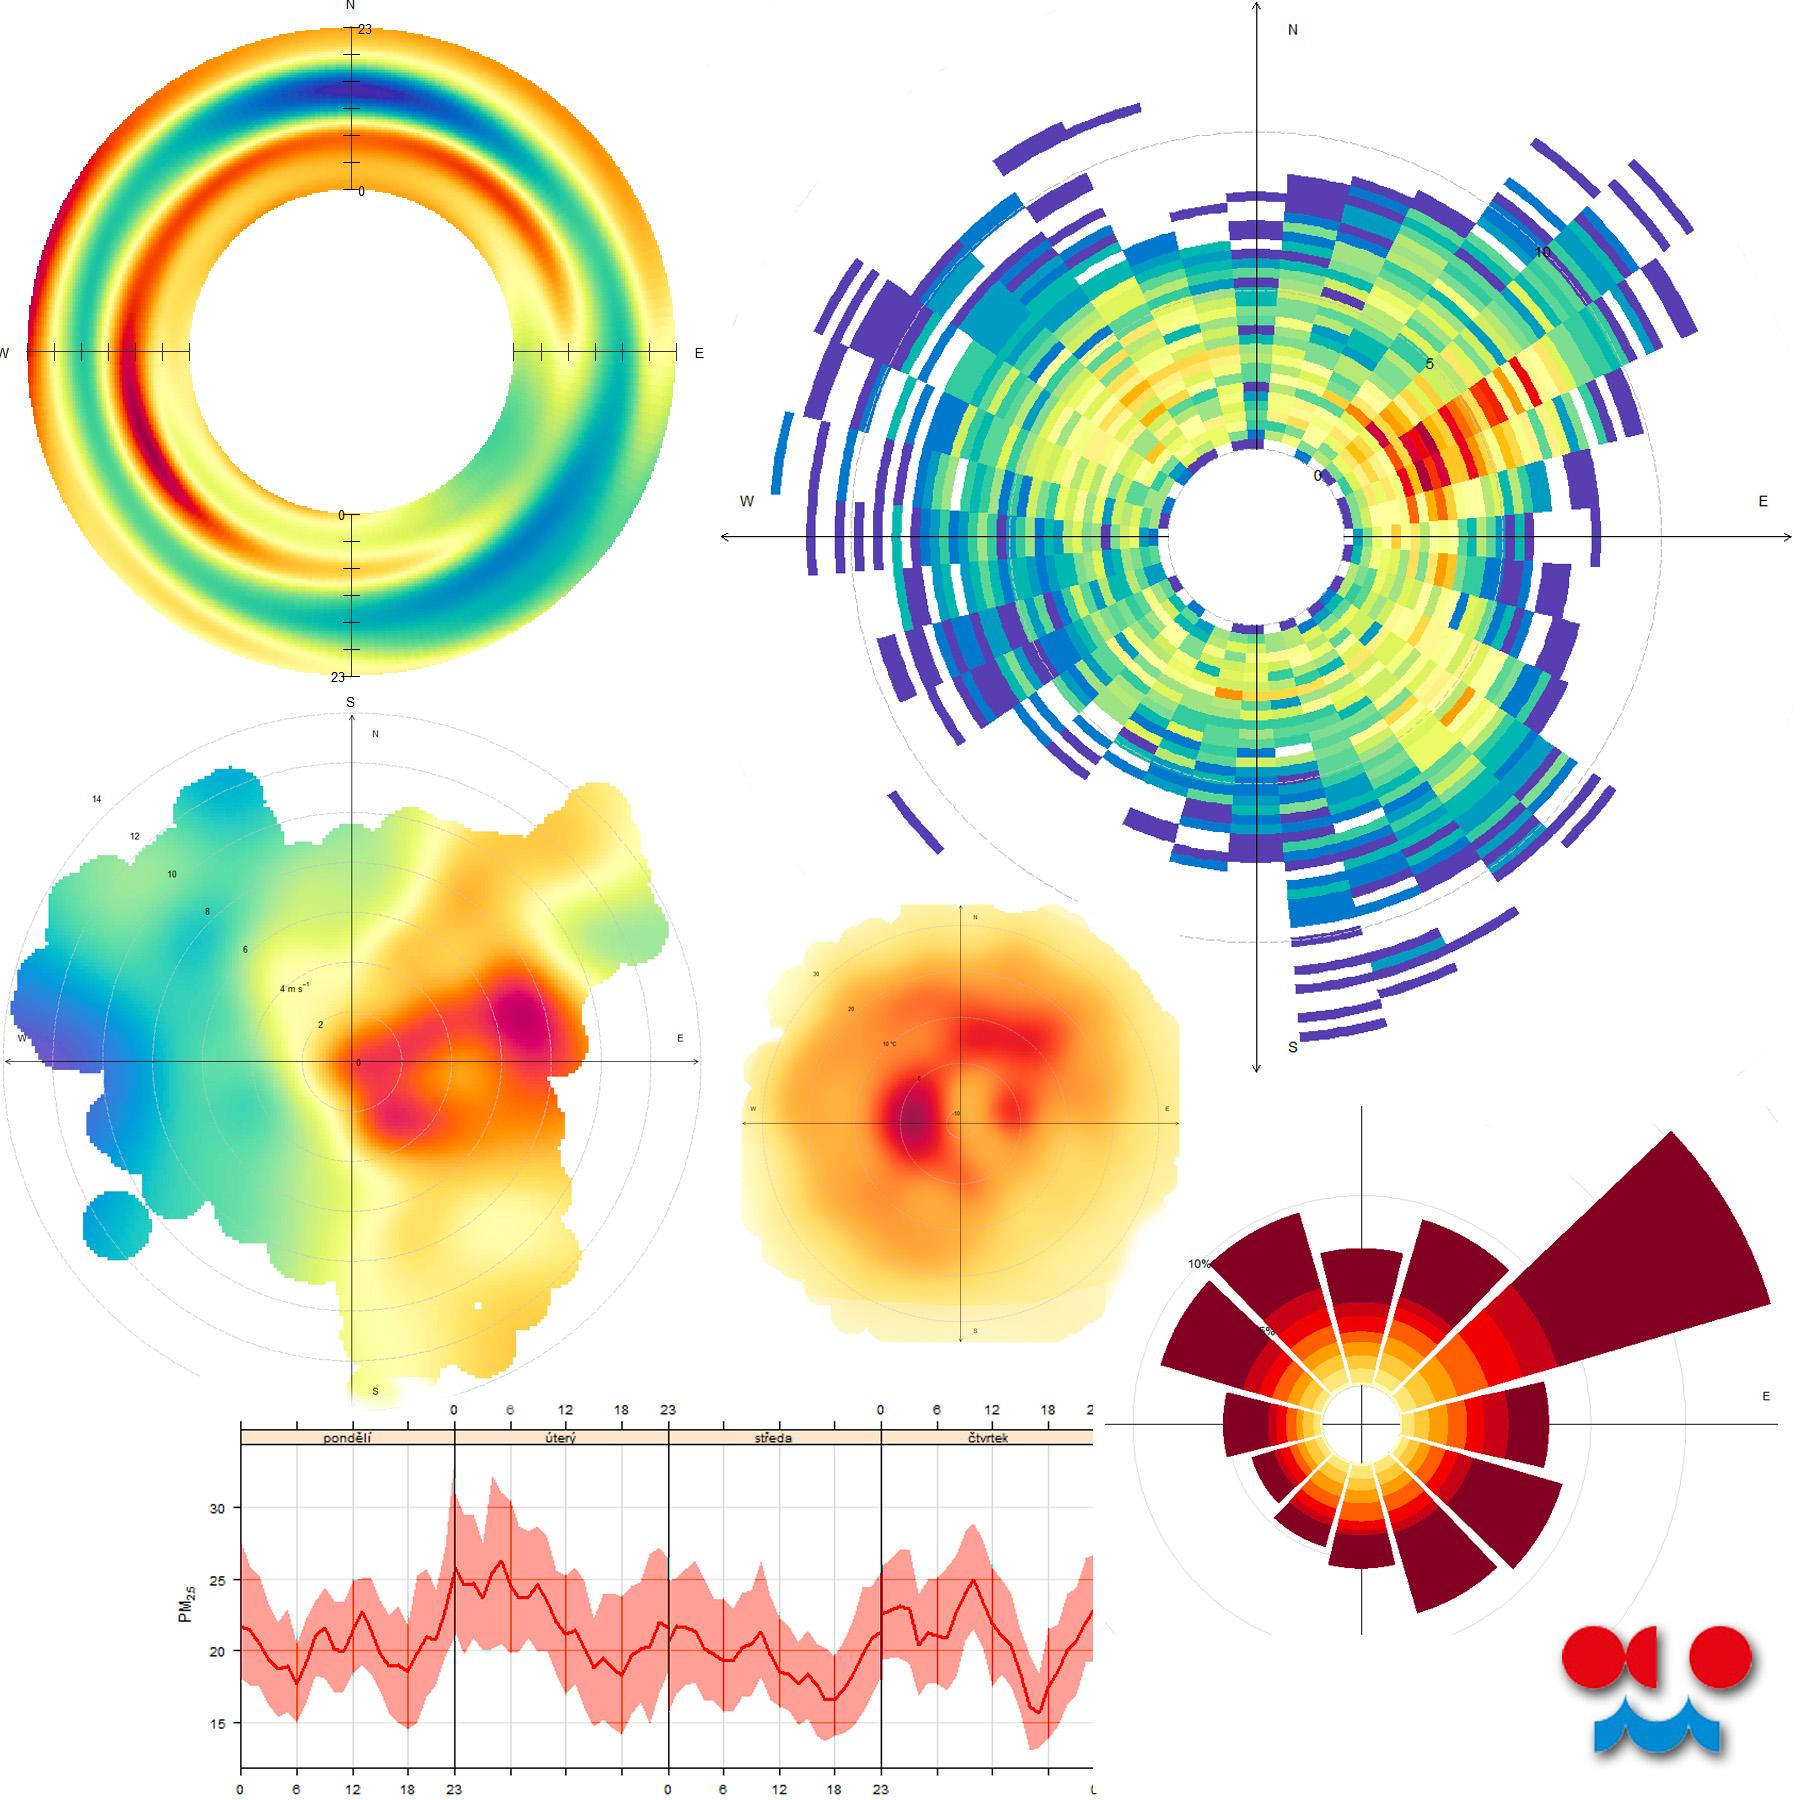 Vizualizace a grafy používané k hodnocení kvality ovzduší – jak je interpretovat28 min čtení